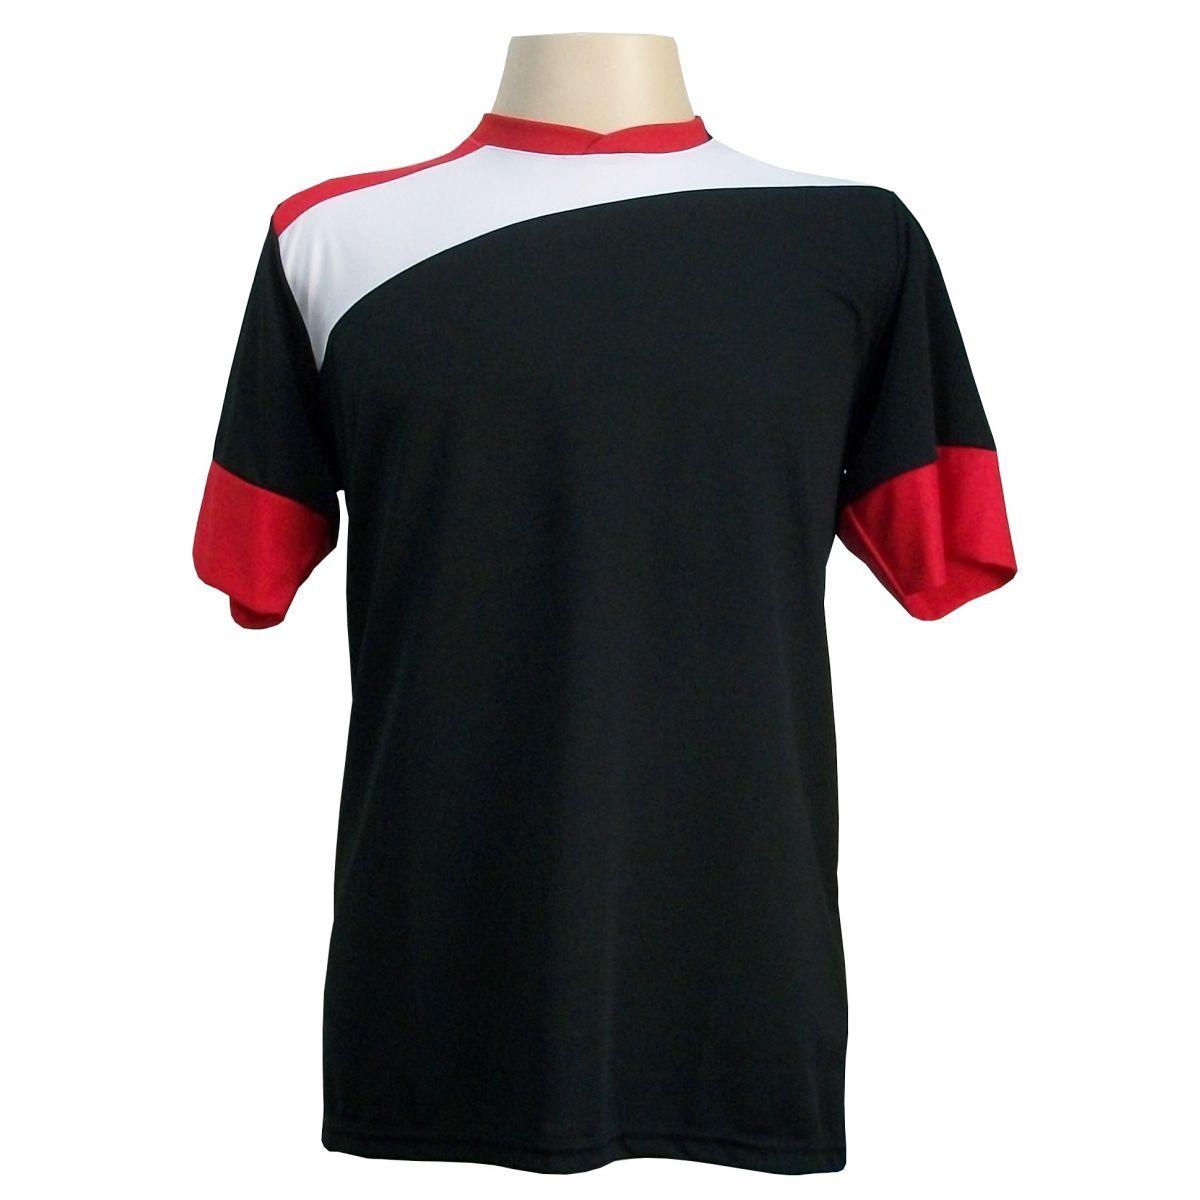 Uniforme Esportivo Completo modelo Sporting 14+1 (14 camisas Preto/Branco/Vermelho + 14 calções modelo Copa Vermelho/Branco + 14 pares de meiões Vermelhos + 1 conjunto de goleiro) + Brindes